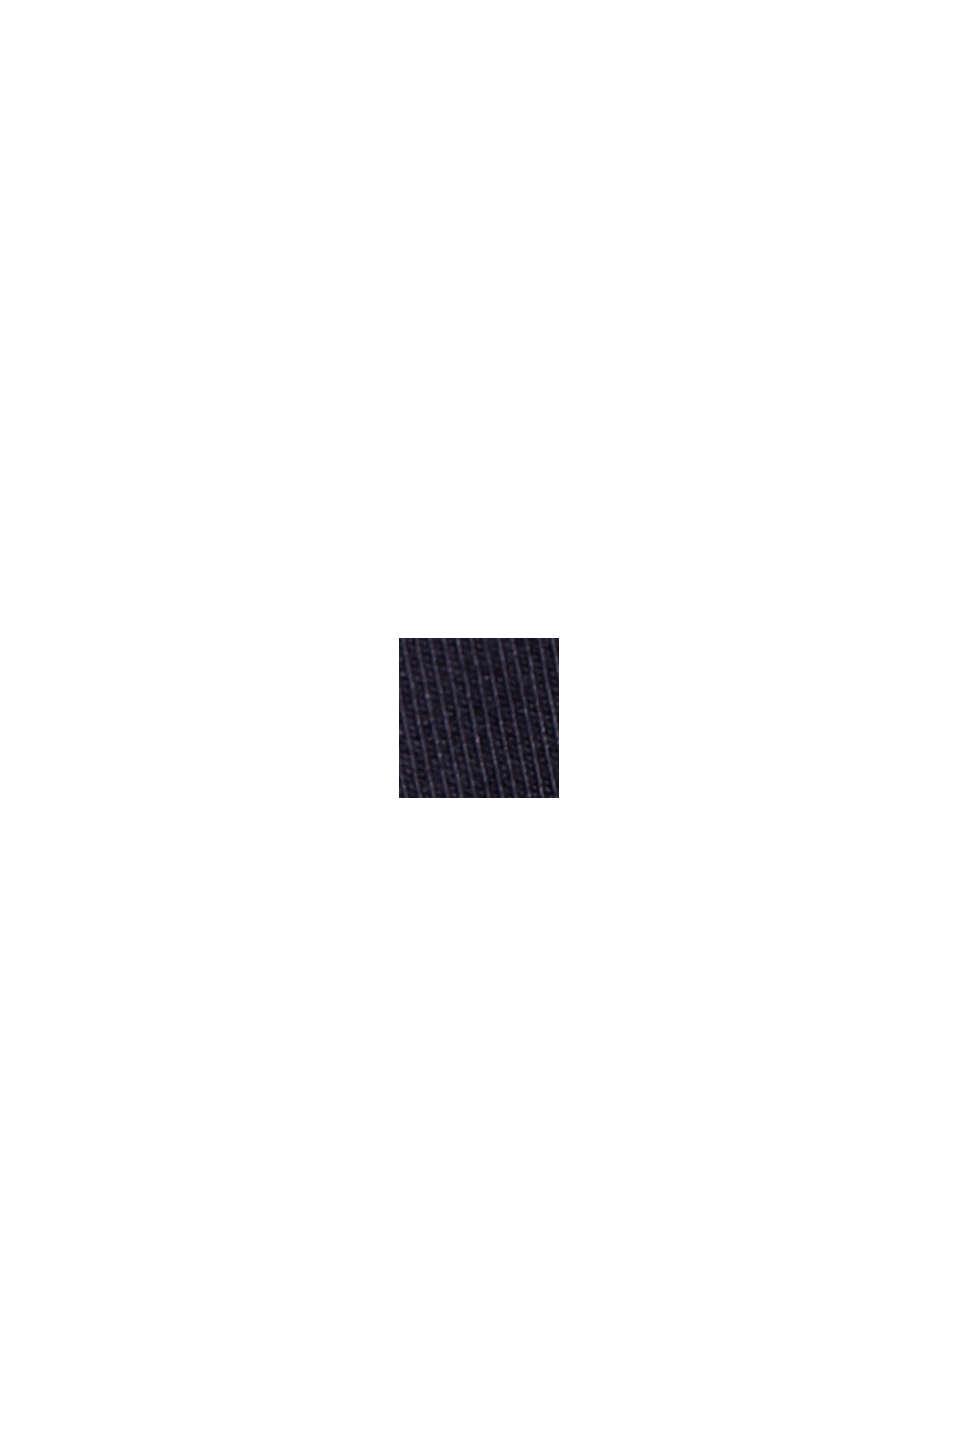 Leggings de largo 7/8 en algodón ecológico, NAVY, swatch